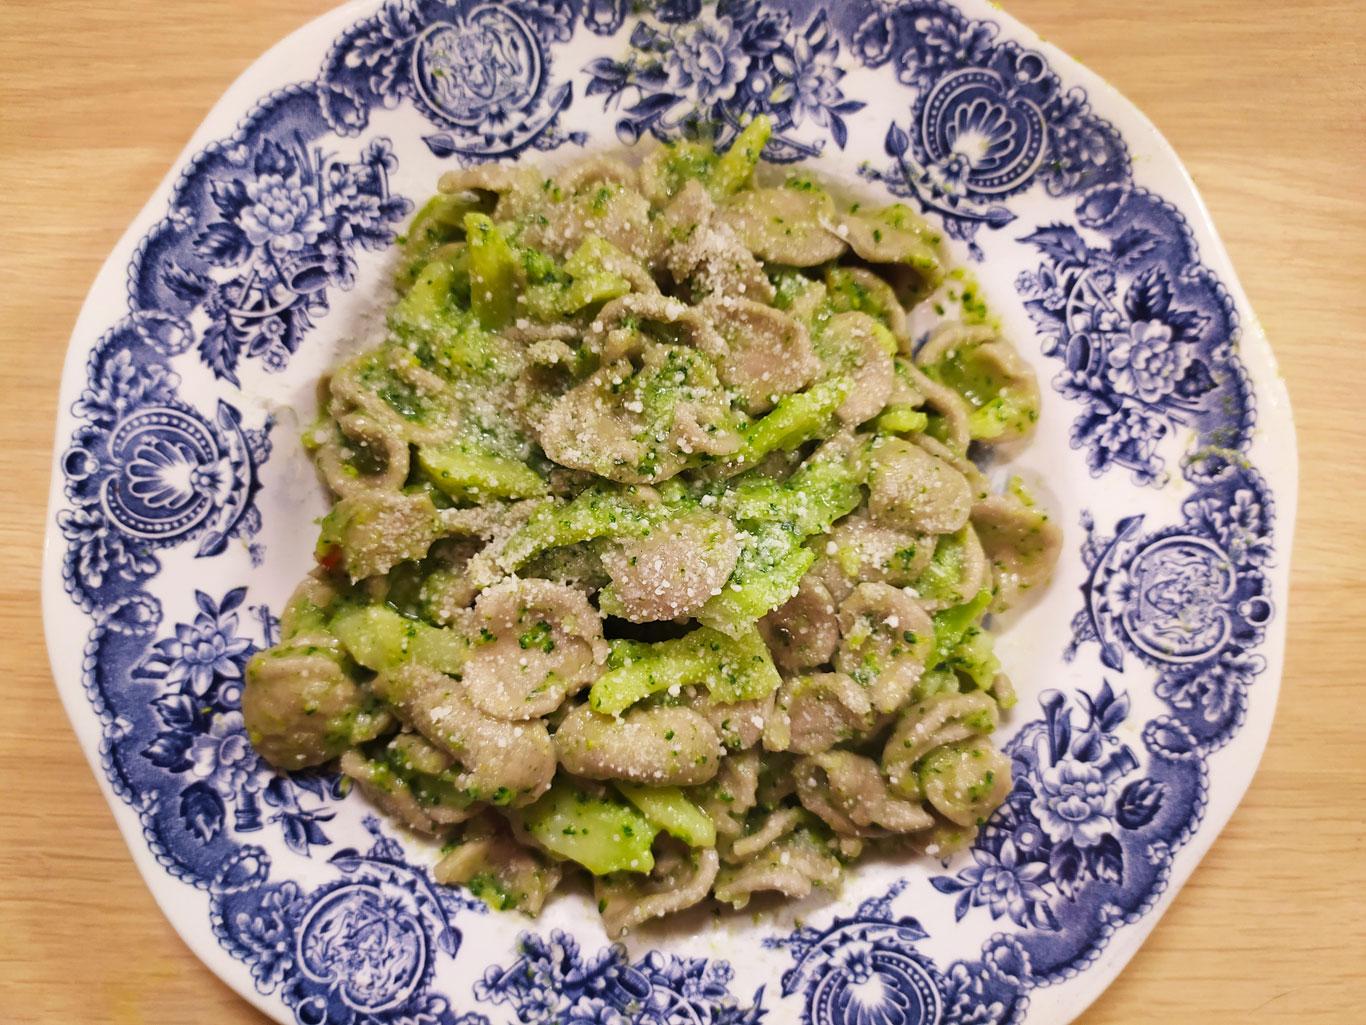 Orecchiette with Broccoli cream and pecorino cheese